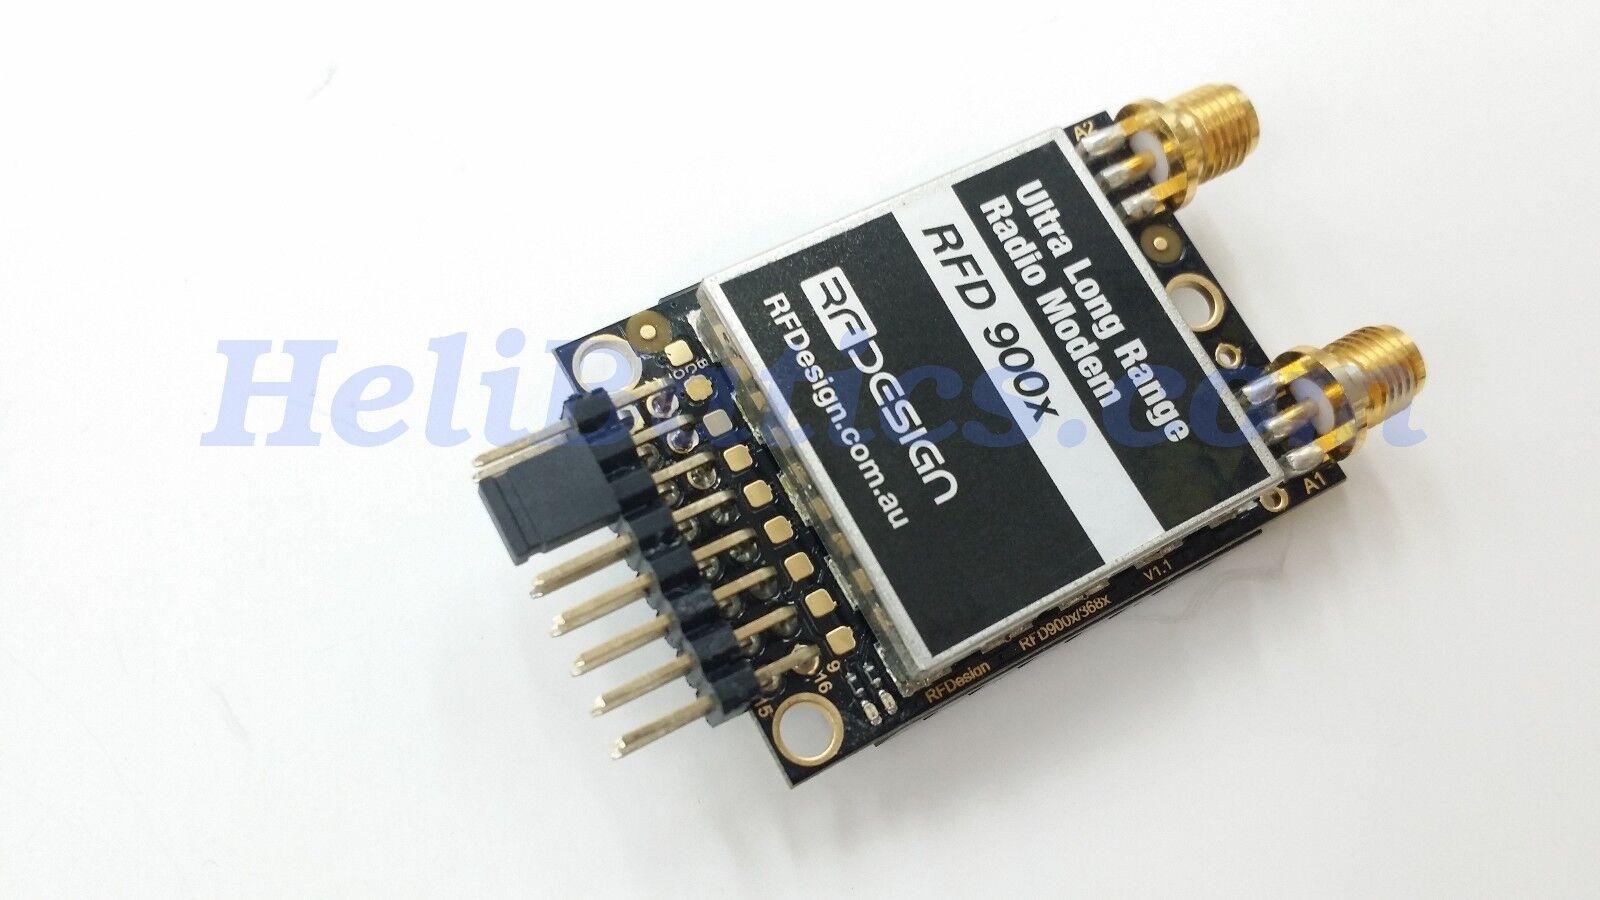 Rfdesign RFD900x Modem RC control y telemetría radio módem con la diversidad